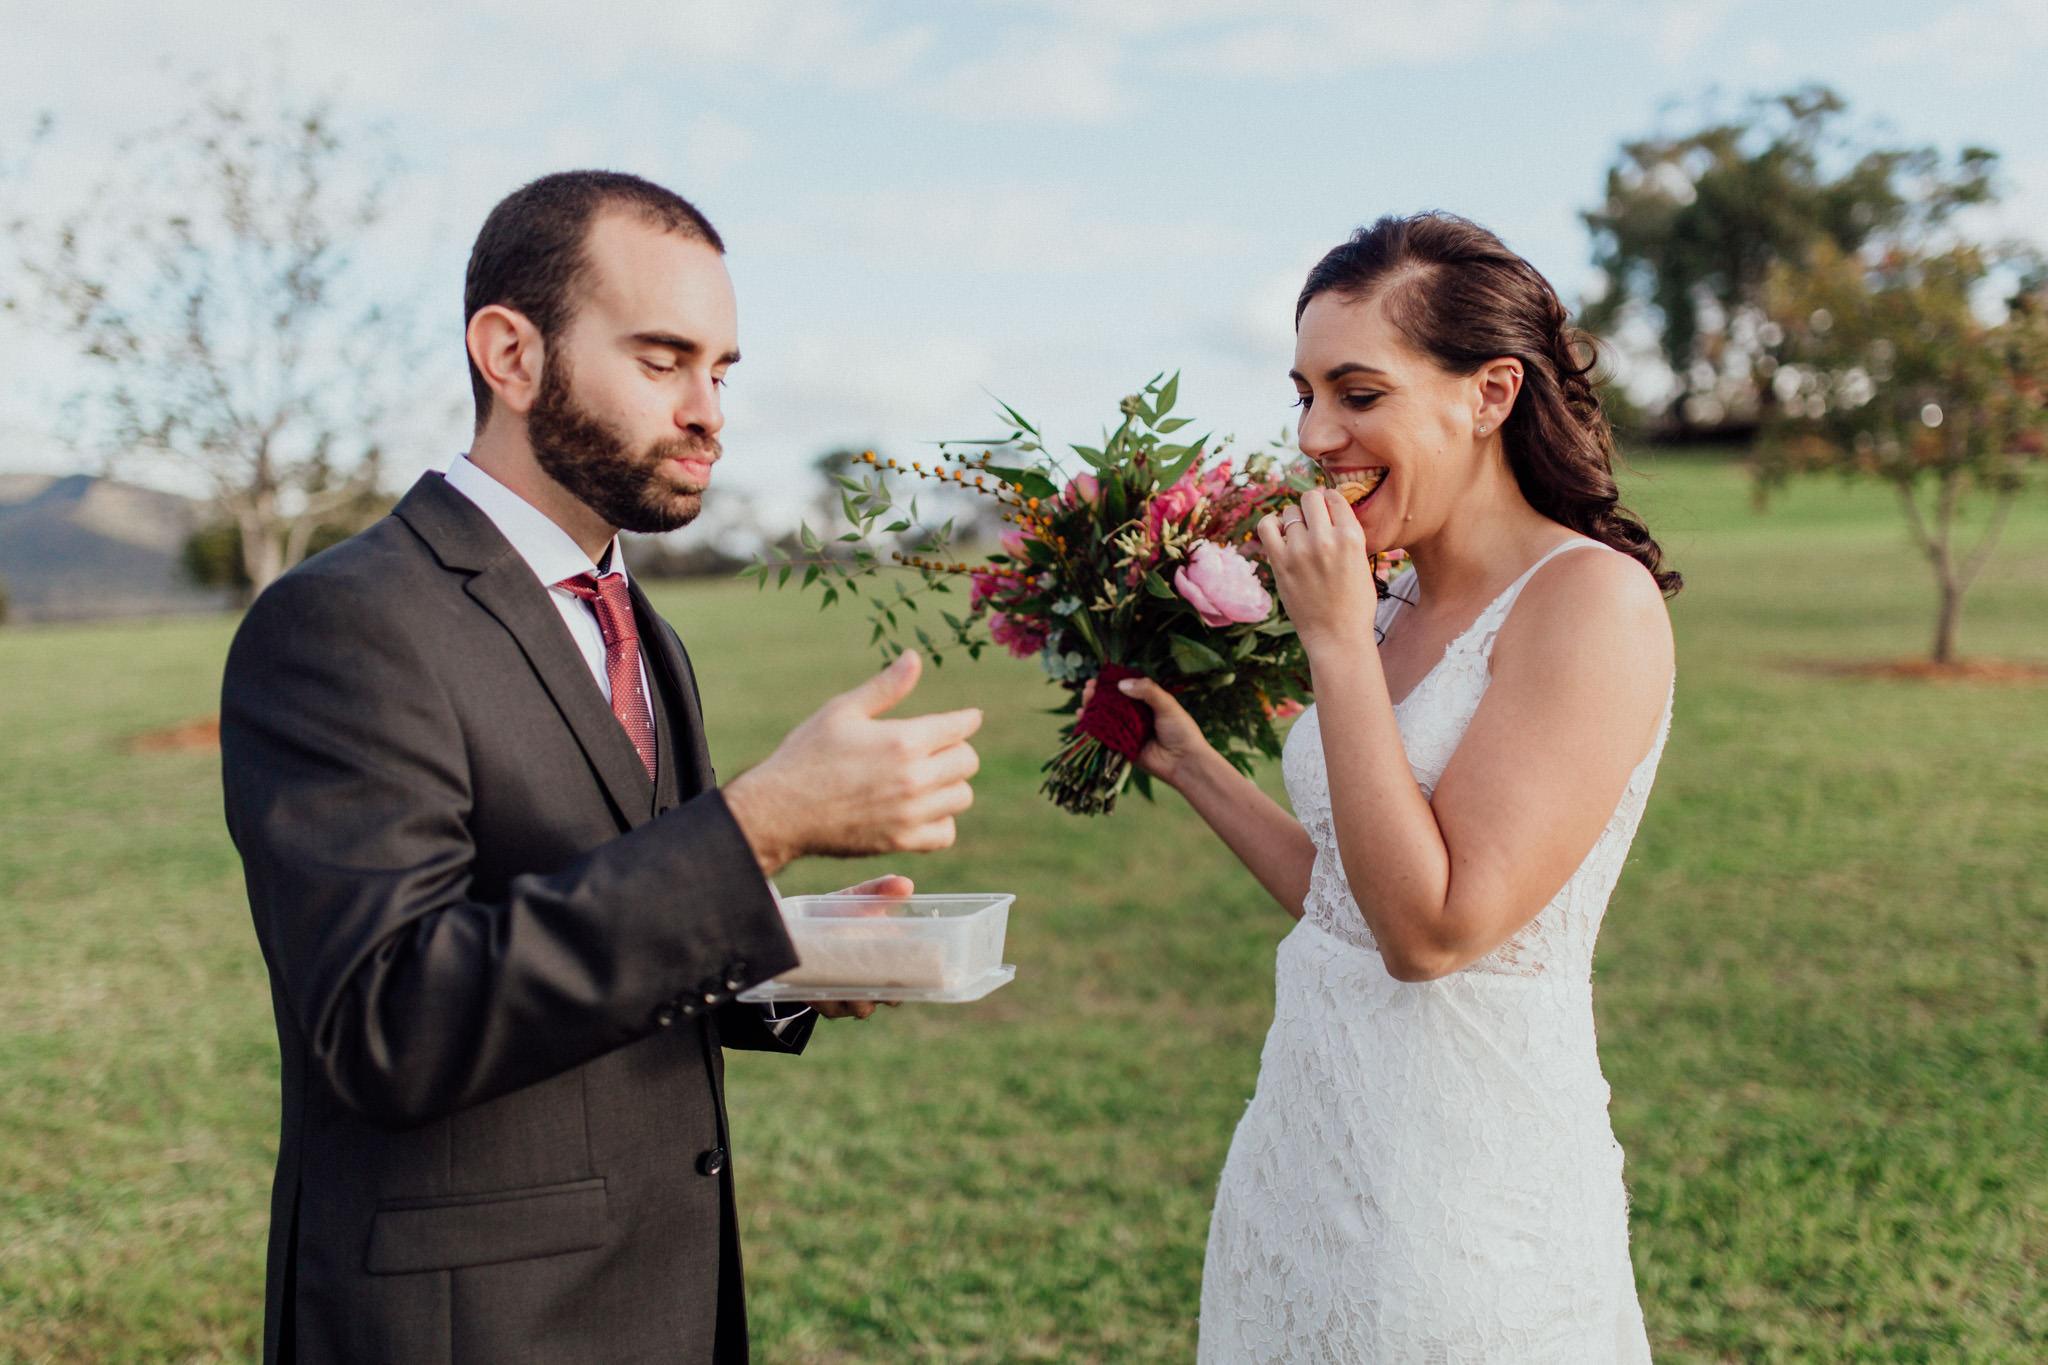 WeddingPhotos_Facebook_2048pixels-1341.jpg